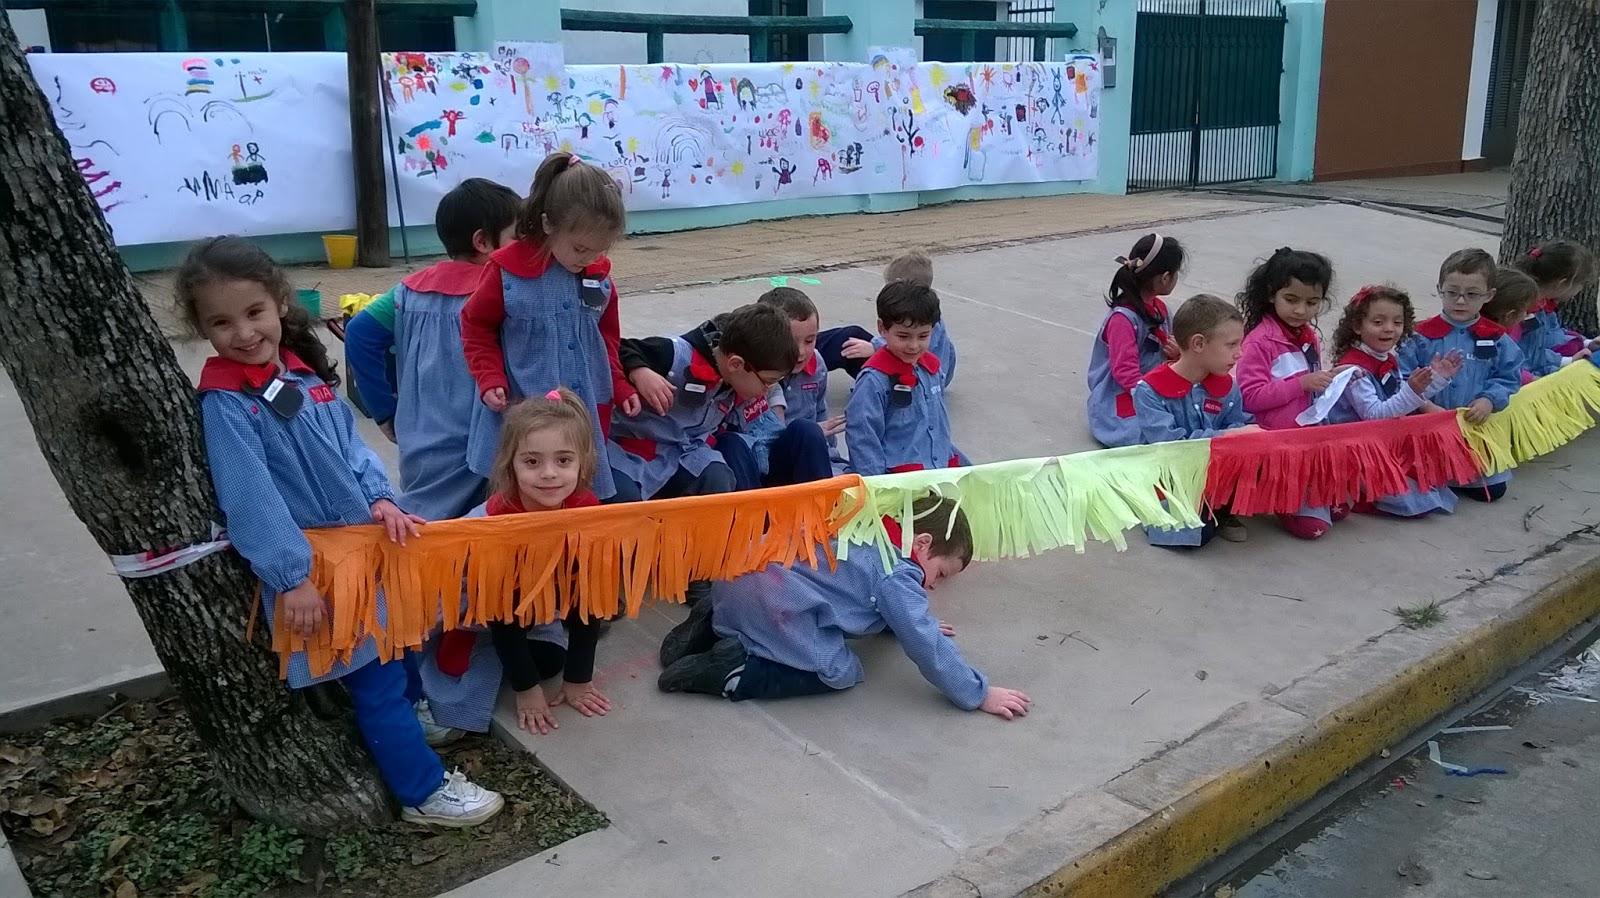 Jard n de infantes com n n 8061 conrado nal roxlo for Jardin de infantes